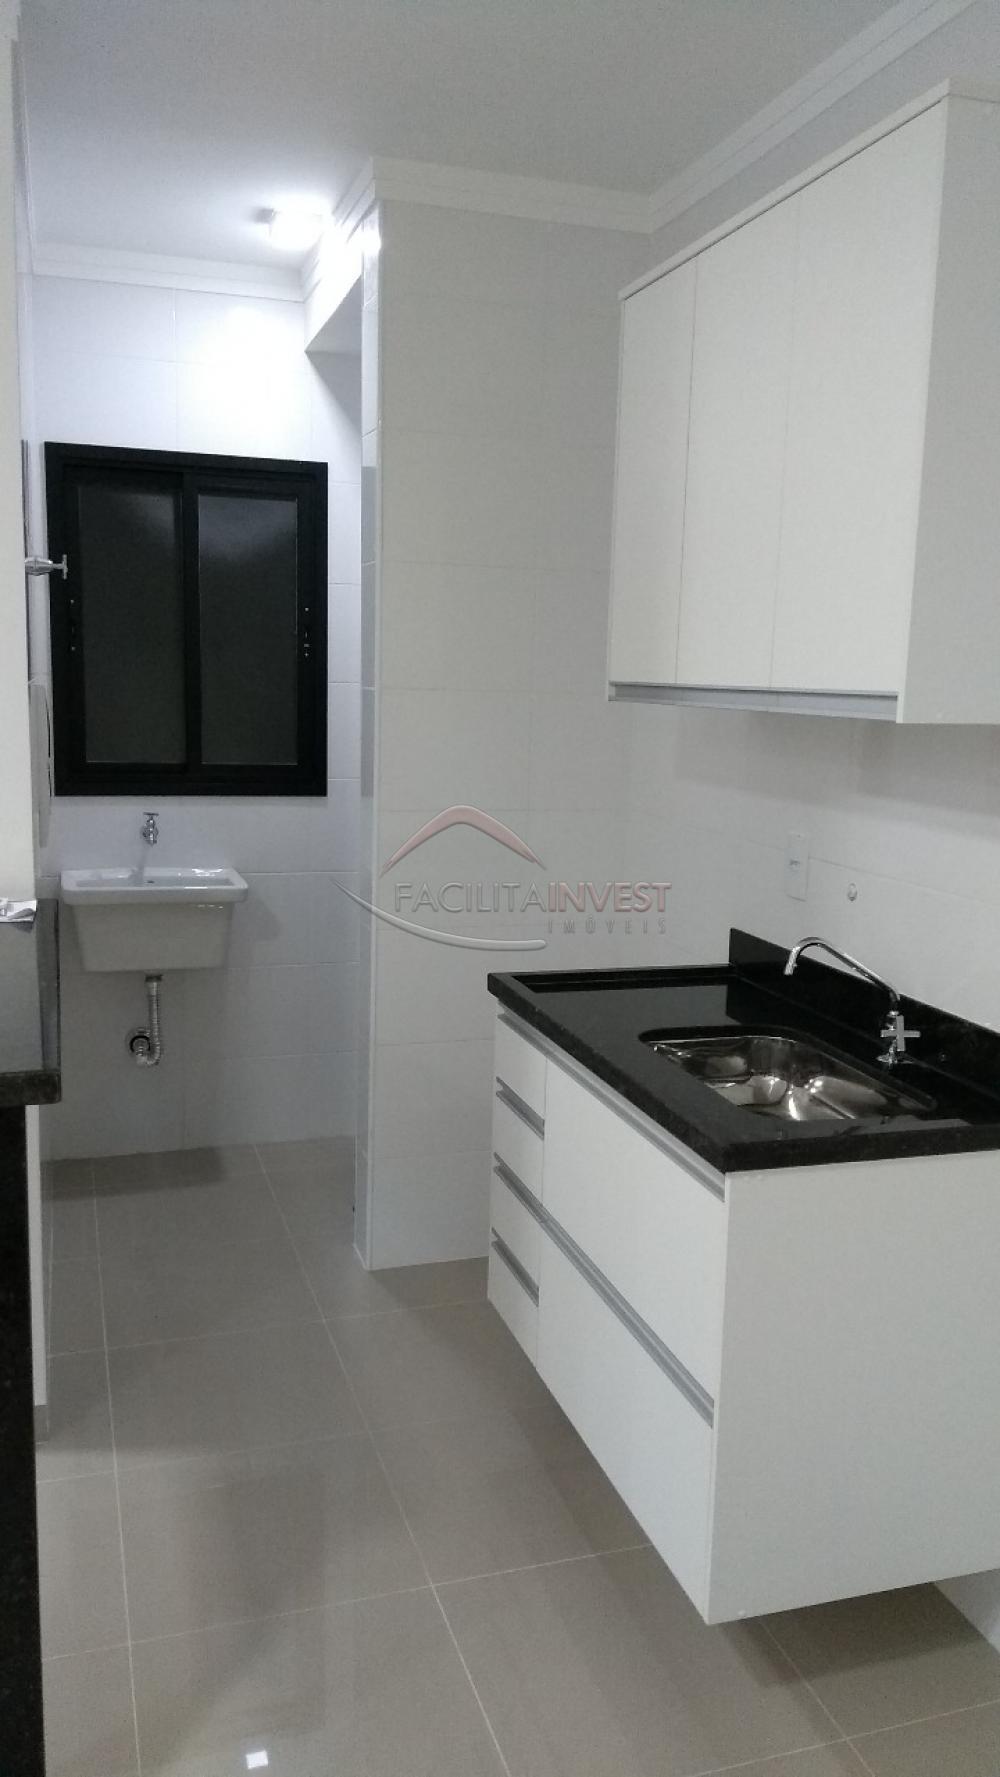 Alugar Apartamentos / Apart. Padrão em Ribeirão Preto apenas R$ 890,00 - Foto 8